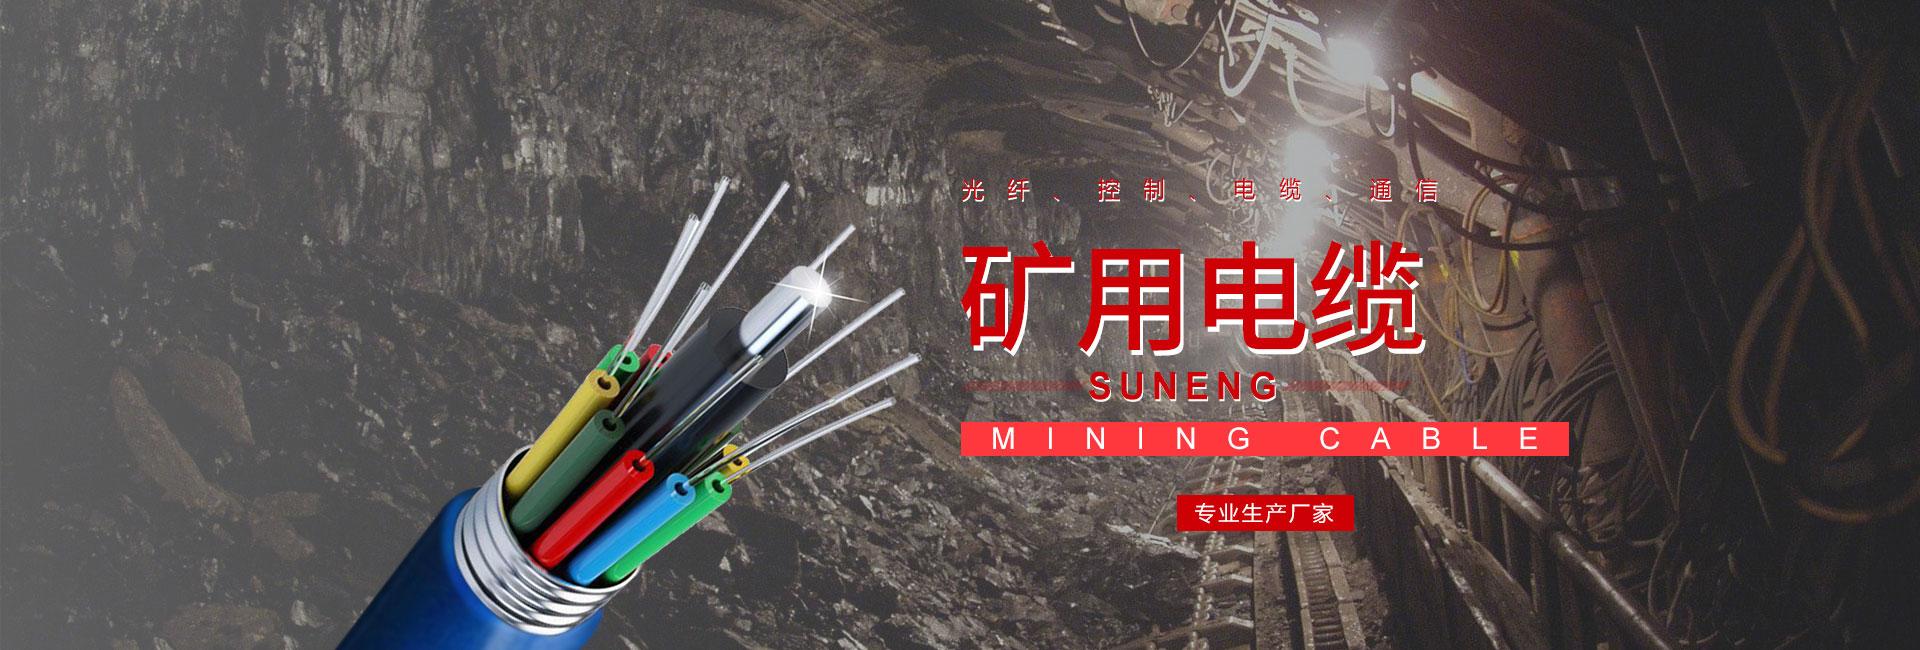 矿用光缆厂家